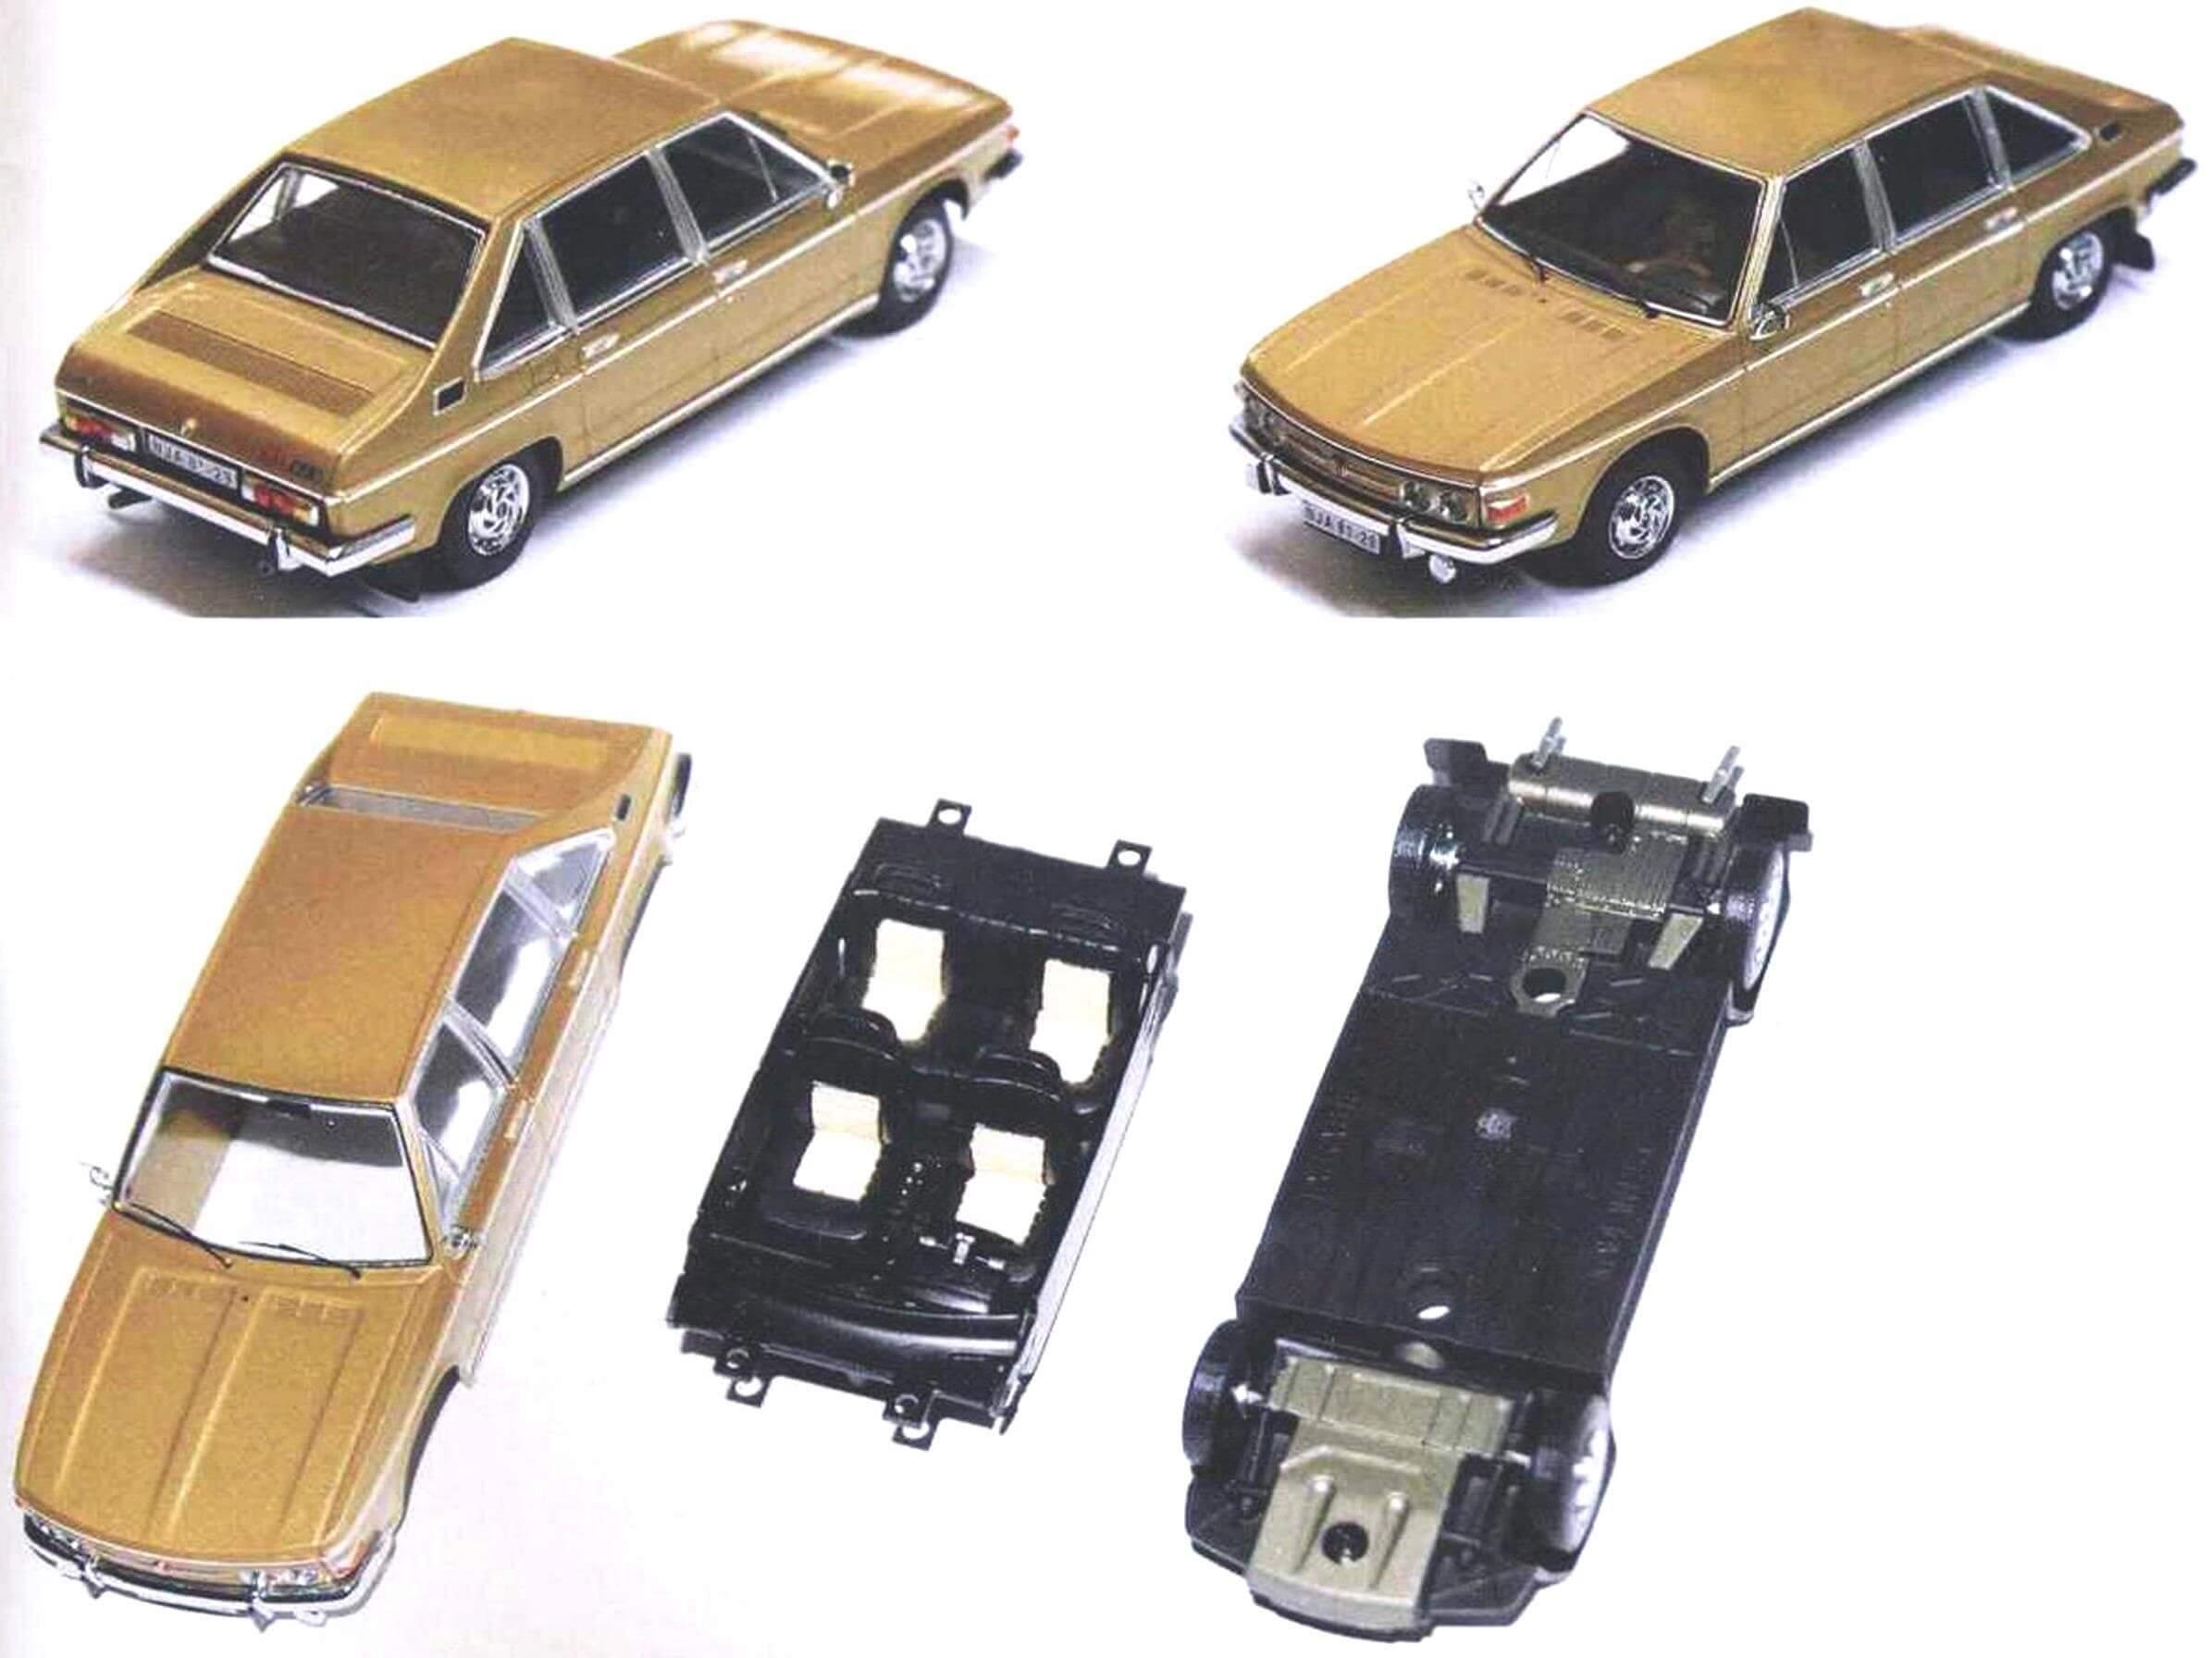 Модель Tatra 613 в масштабе 1:43 производства фирмы istmodels довольно точно воспроизводит прототип, за исключением передних указателей поворота. Деталировка копии соответствует версии Tatra 613-2, которая выпускалась с 1980 года. Золотистая окраска характерна для выставочных экземпляров, большая часть серийных автомобилей окрашивалась в черный цвет.